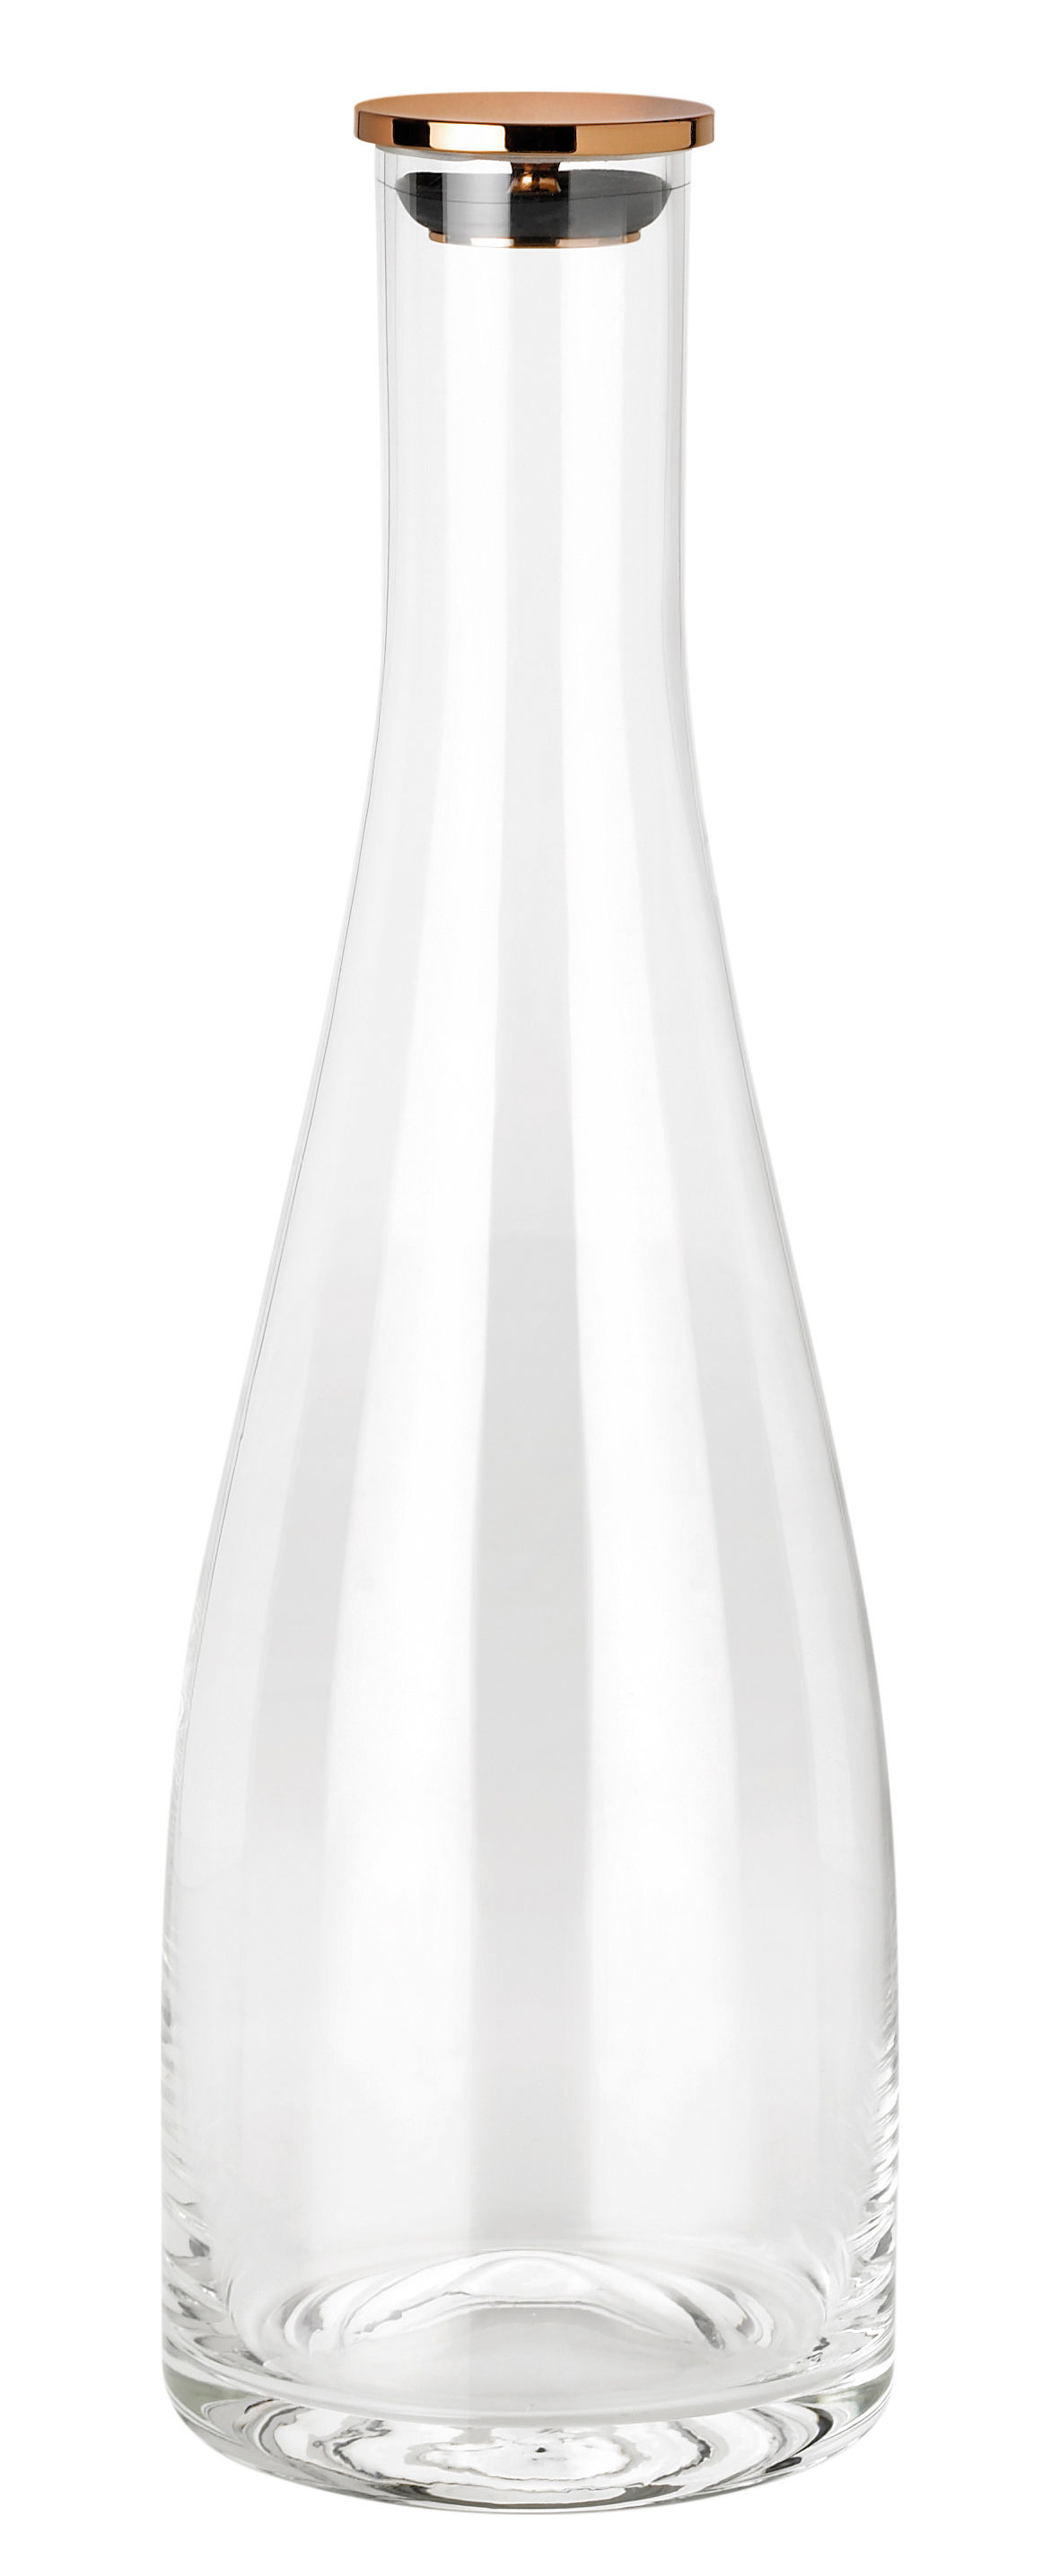 Tischkultur - Karaffen - Flow Karaffe / 1l - mit Verschluss - Stelton - Transparent / Kupfer - Glas, Kupfer